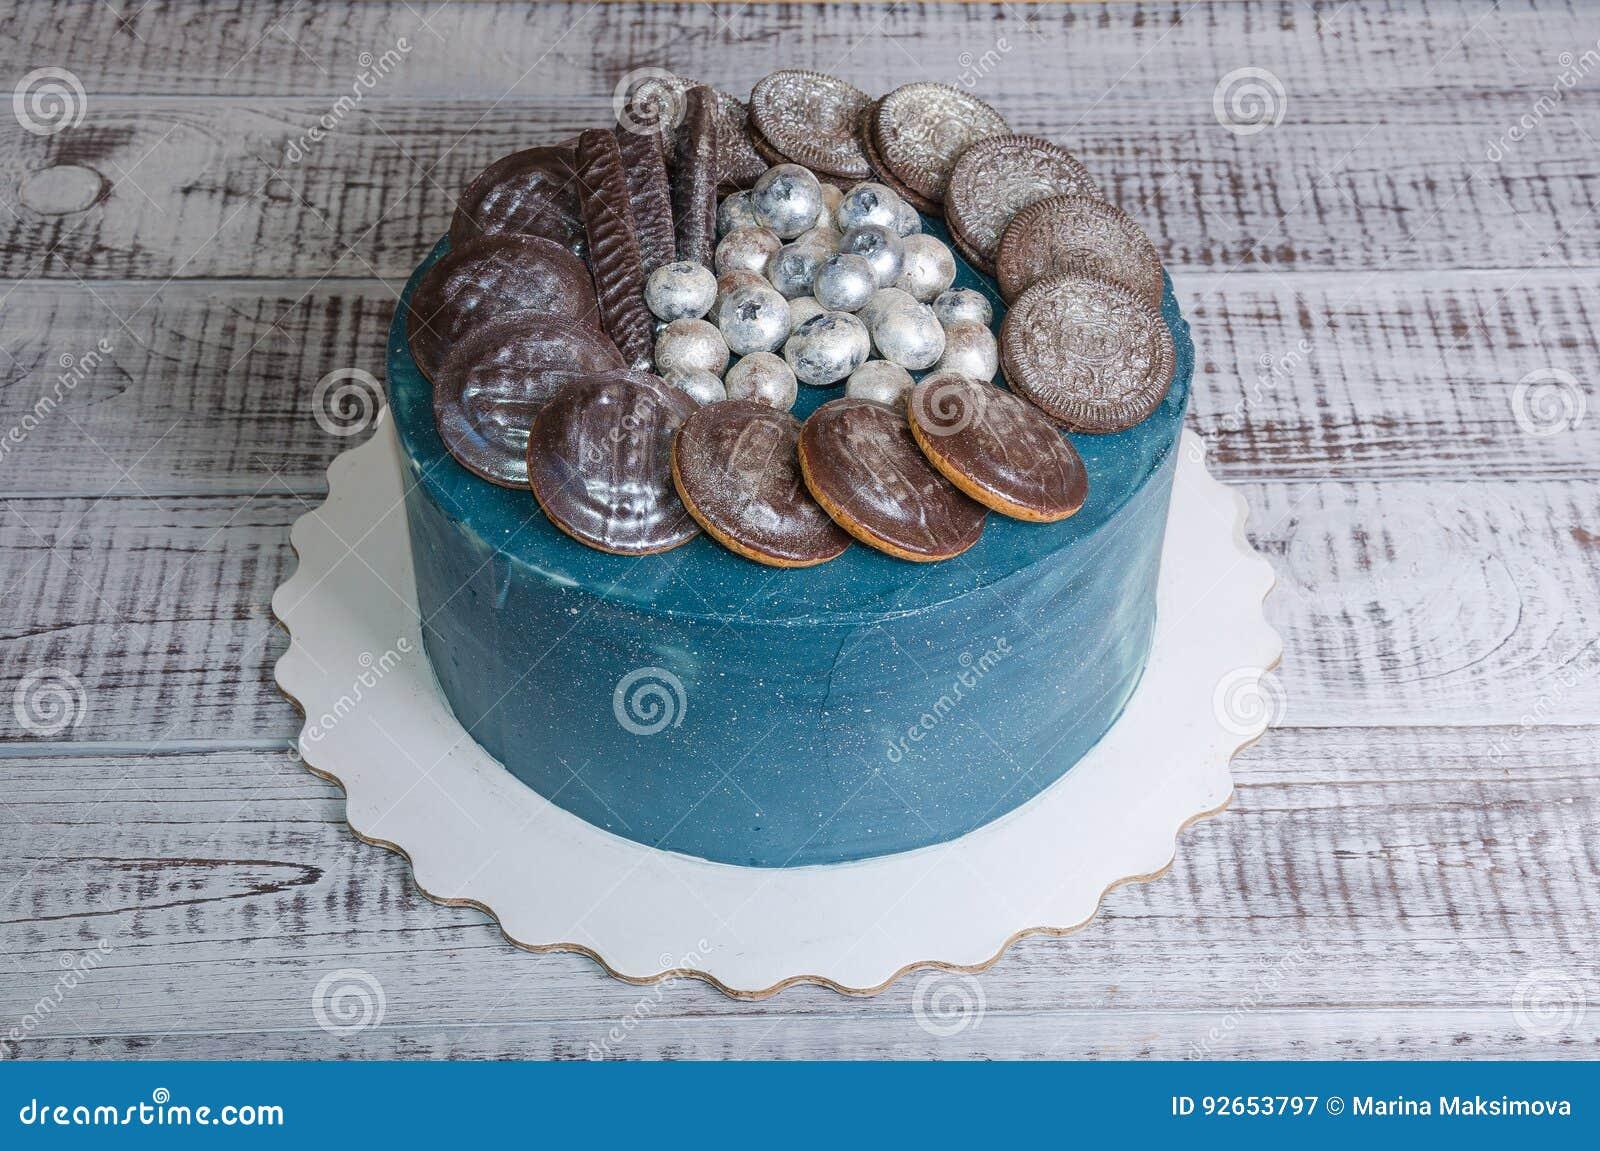 Frischkasegalaxiekuchen Mit Platzchen Und Schokolade Marmelade